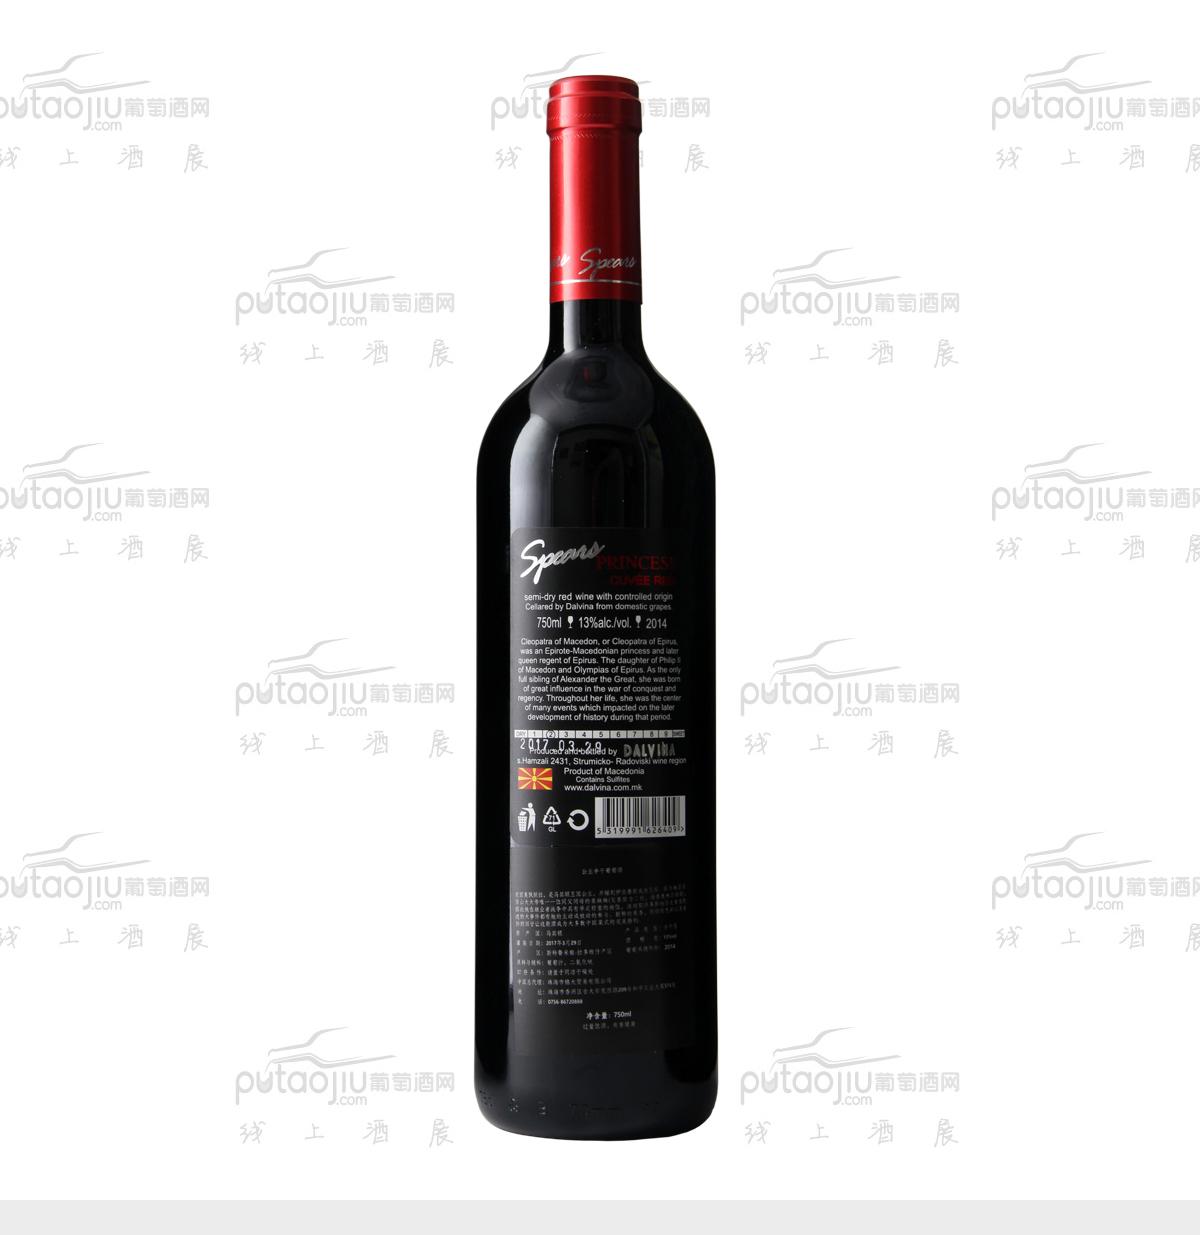 马其顿戴维娜酒庄美乐韵丽公主半干红葡萄酒